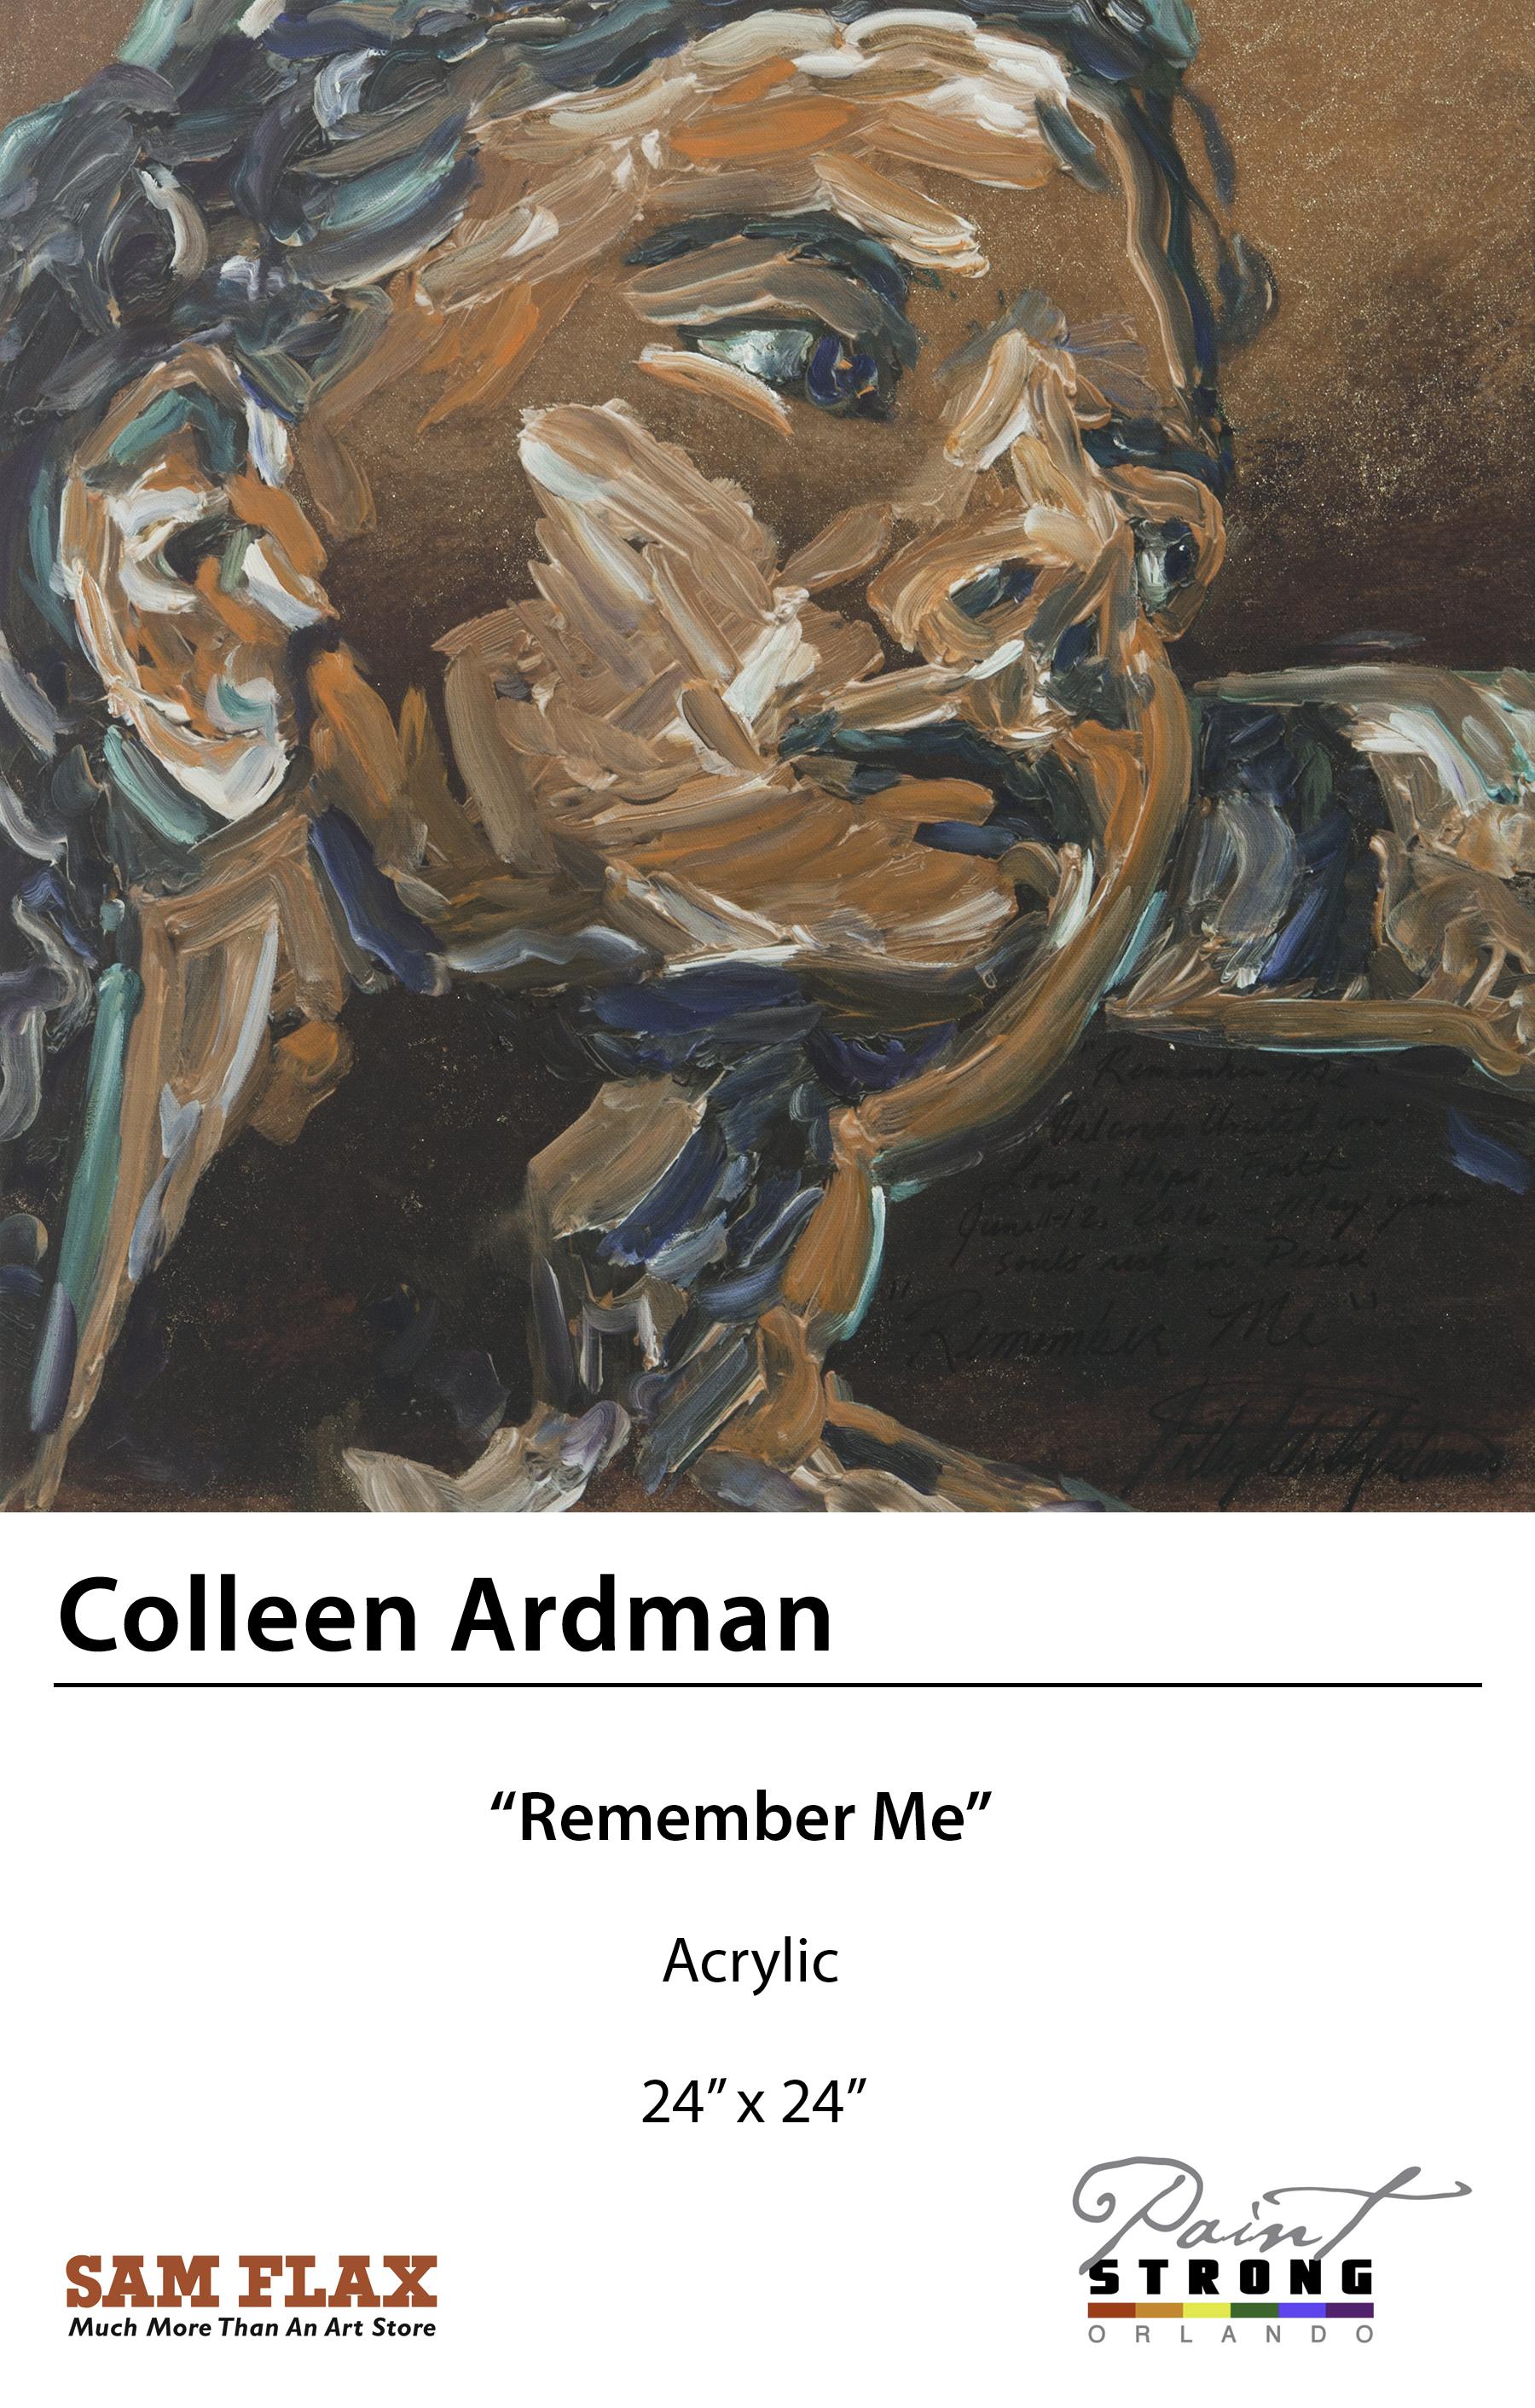 Colleen Ardman